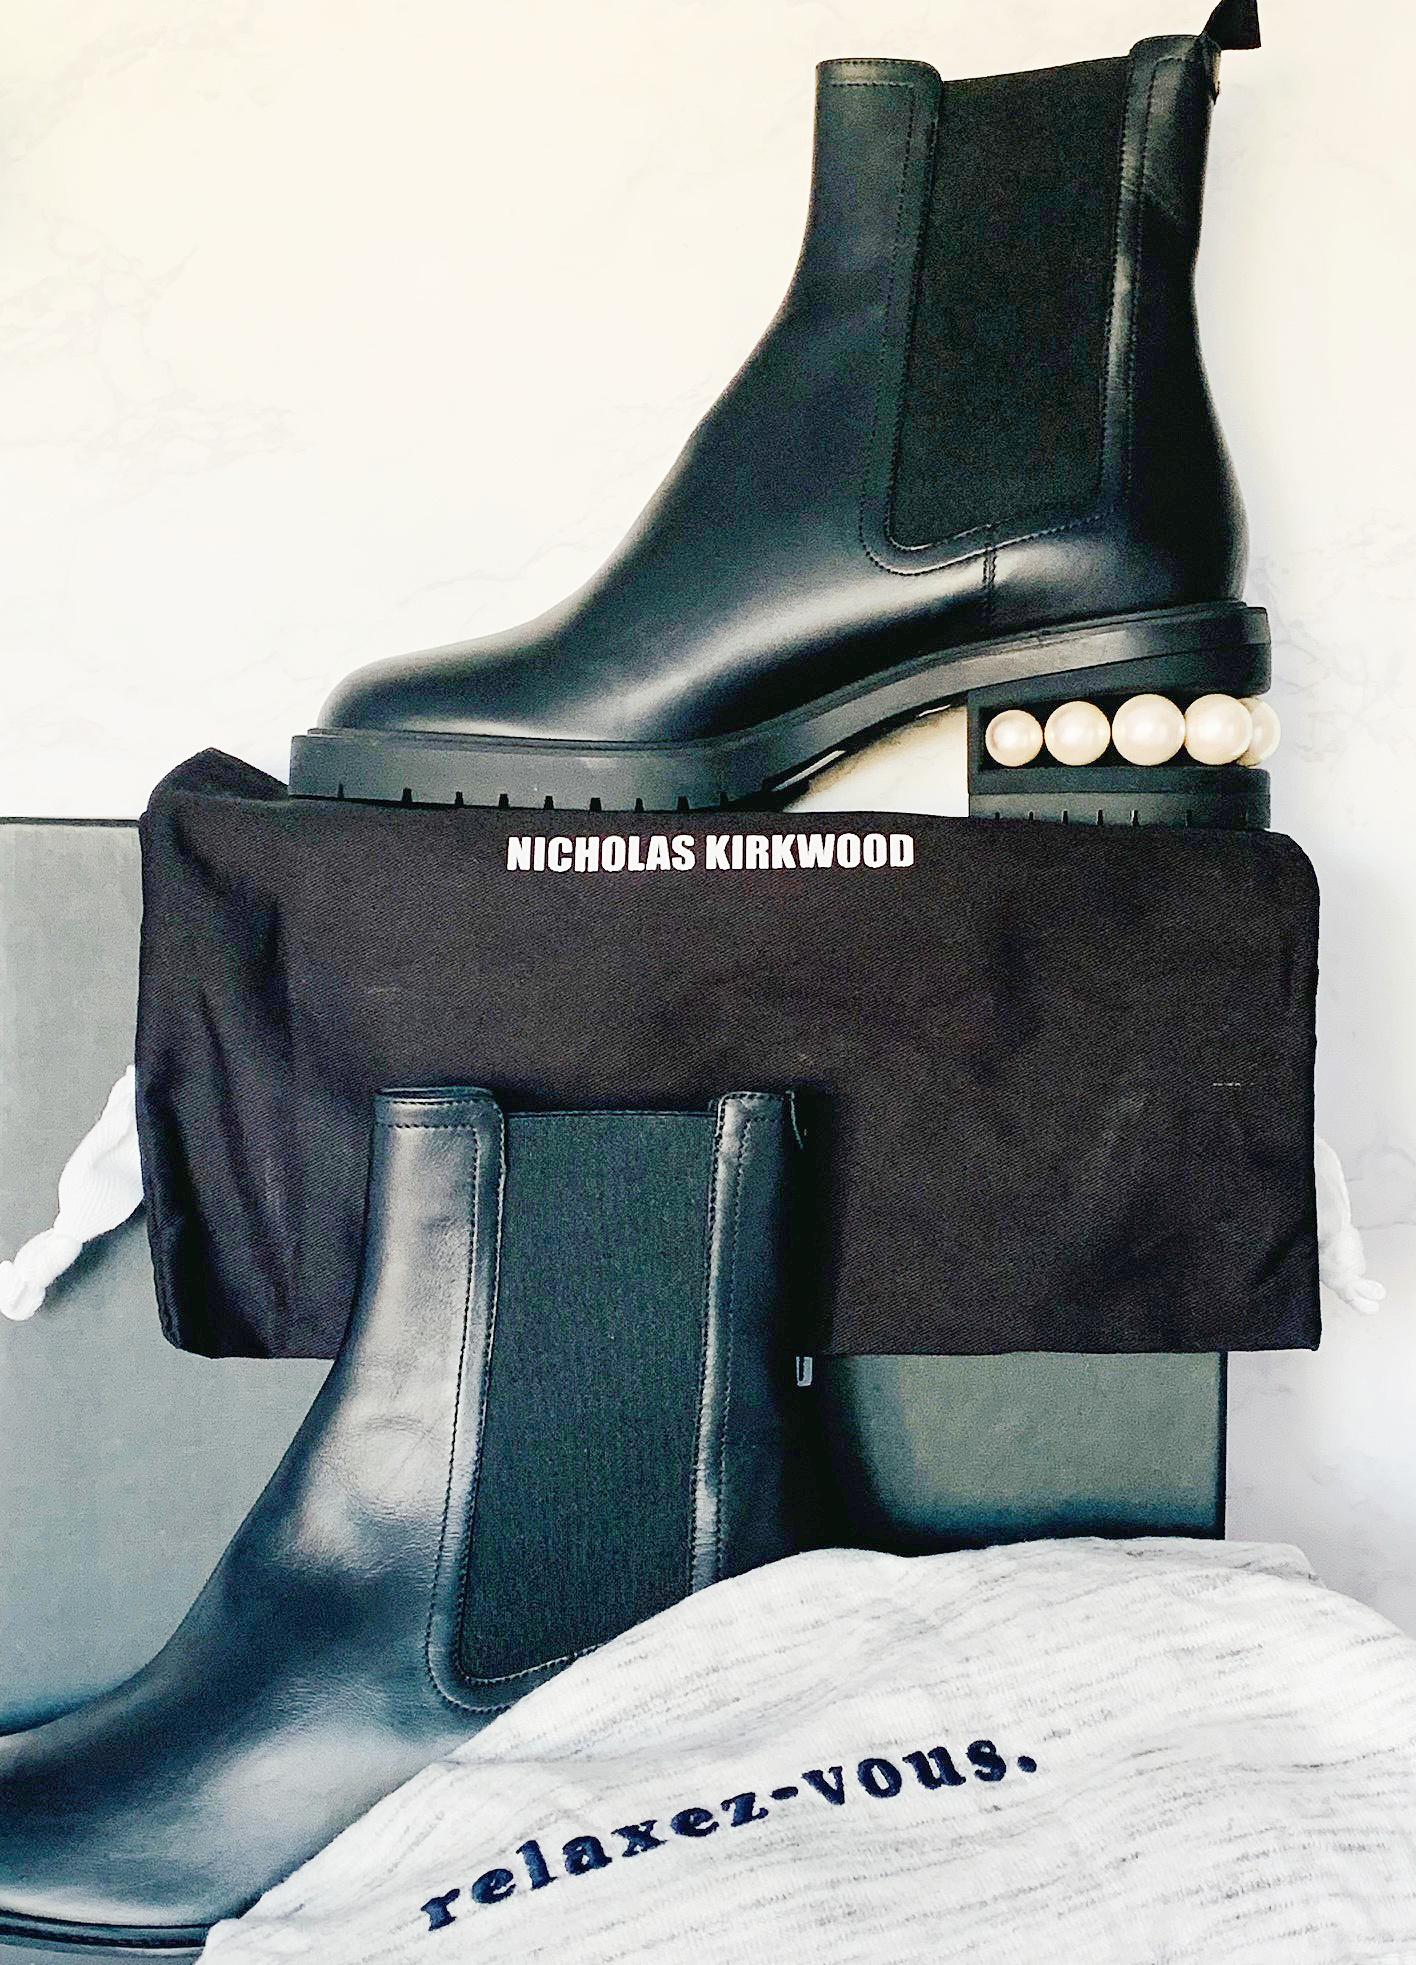 Nicholas Kirkwood Casati Leather Chelsea Boots Sale